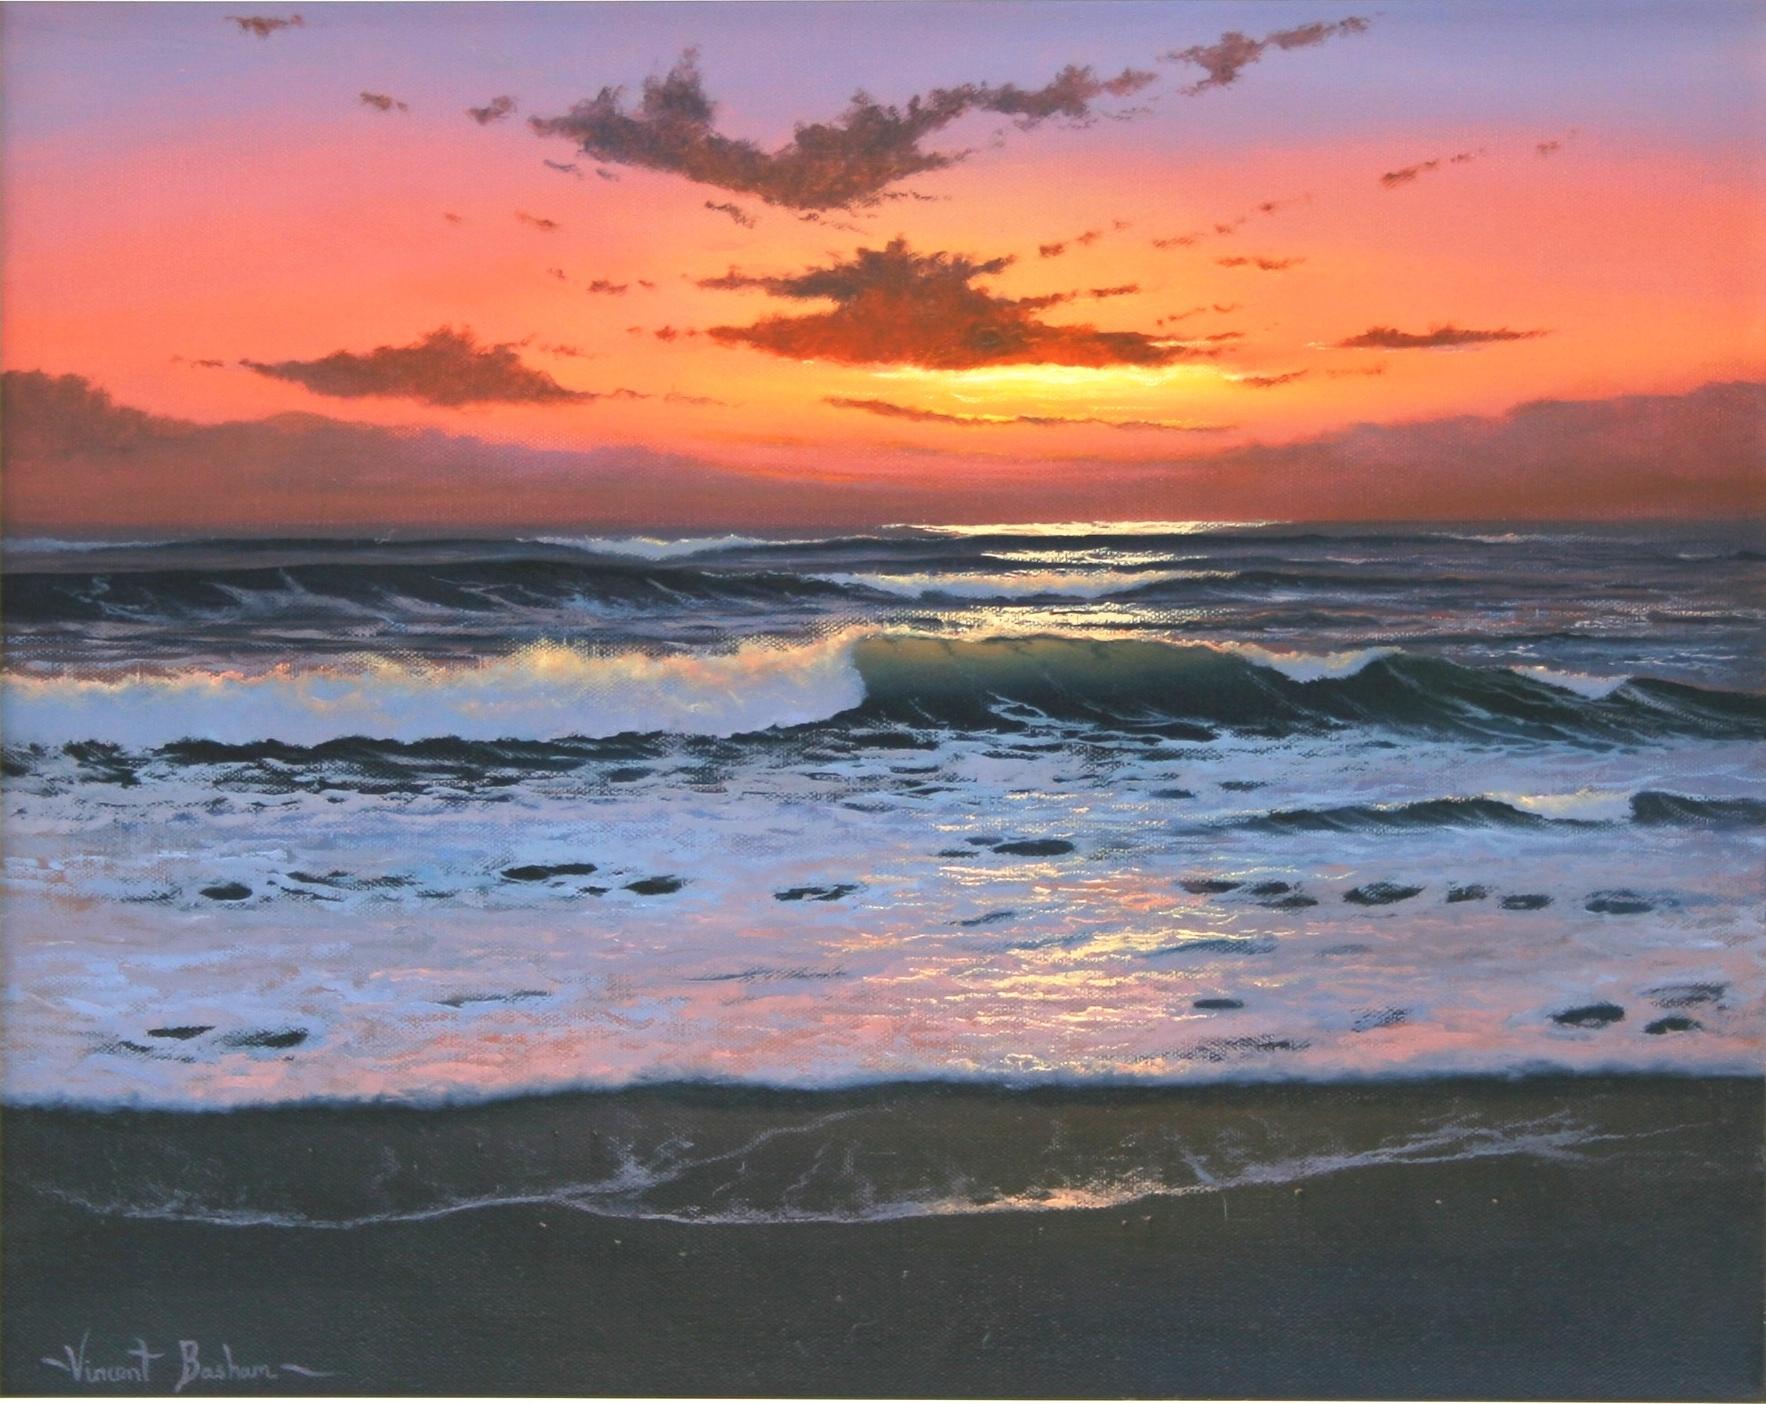 Evening Glow 410 x 510